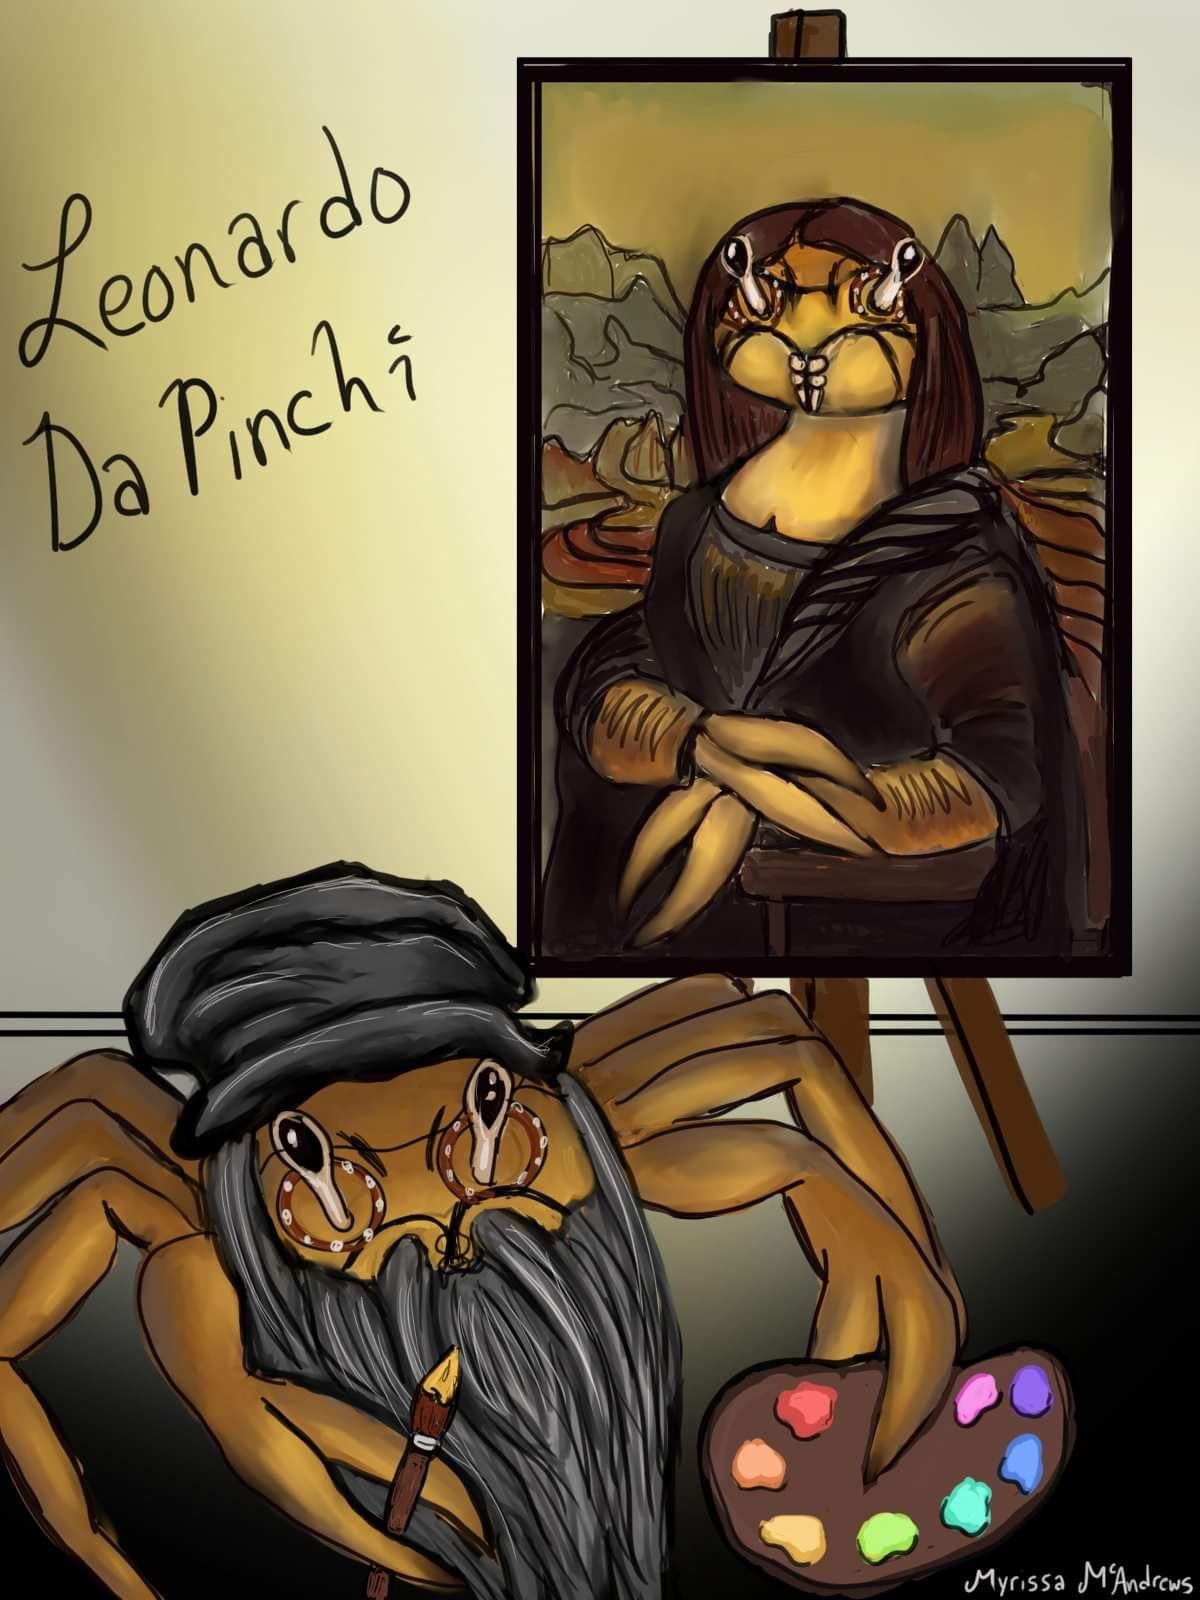 My friend made my terrible idea a reality! May I introduce to you....Leonardo Da Pinchi